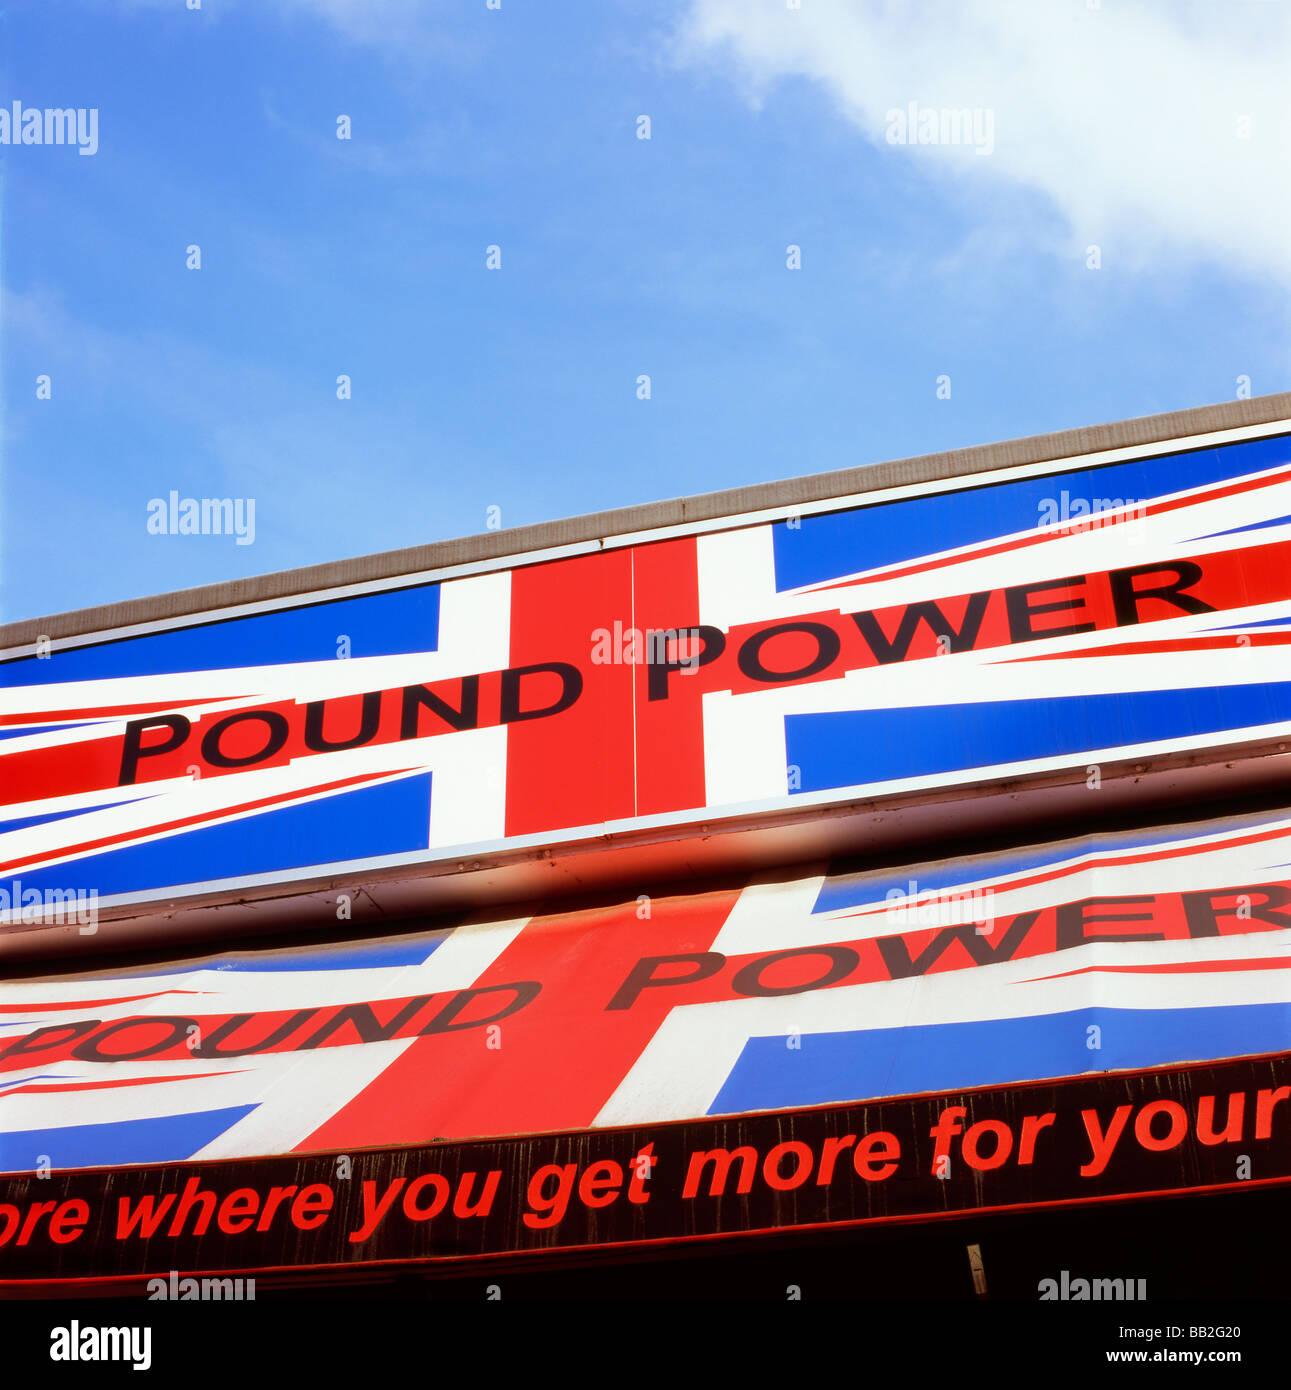 Pound sterling forte puissance signe sur un high street shop store Publicité Publicité Publicité London England Banque D'Images